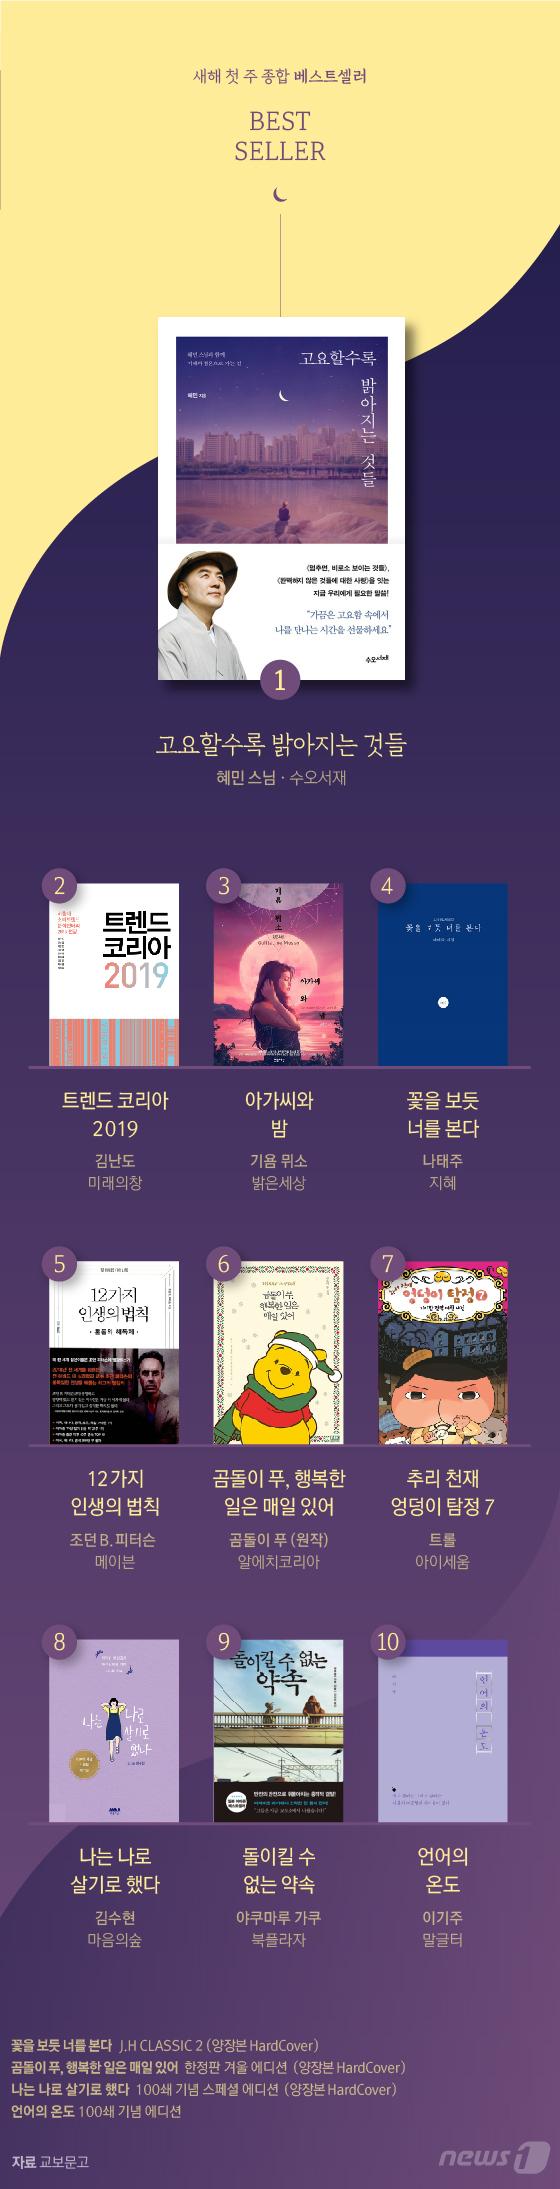 [그래픽뉴스] 2019년 새해 첫 주 종합 베스트셀러